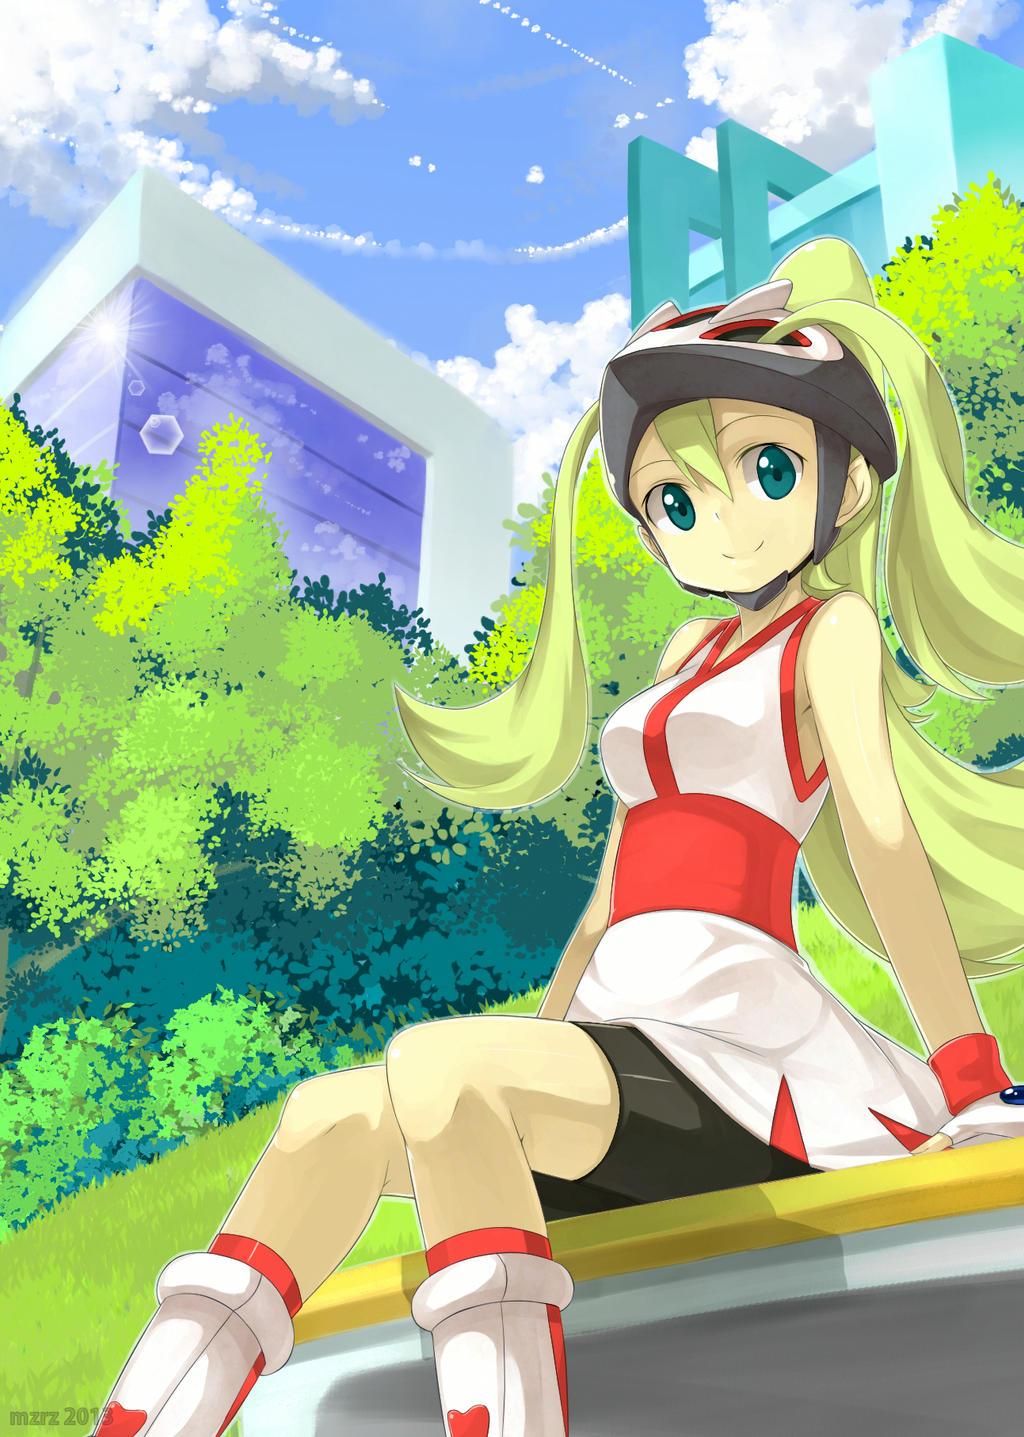 Korrina Pokemon Xy By Mzrz On Deviantart